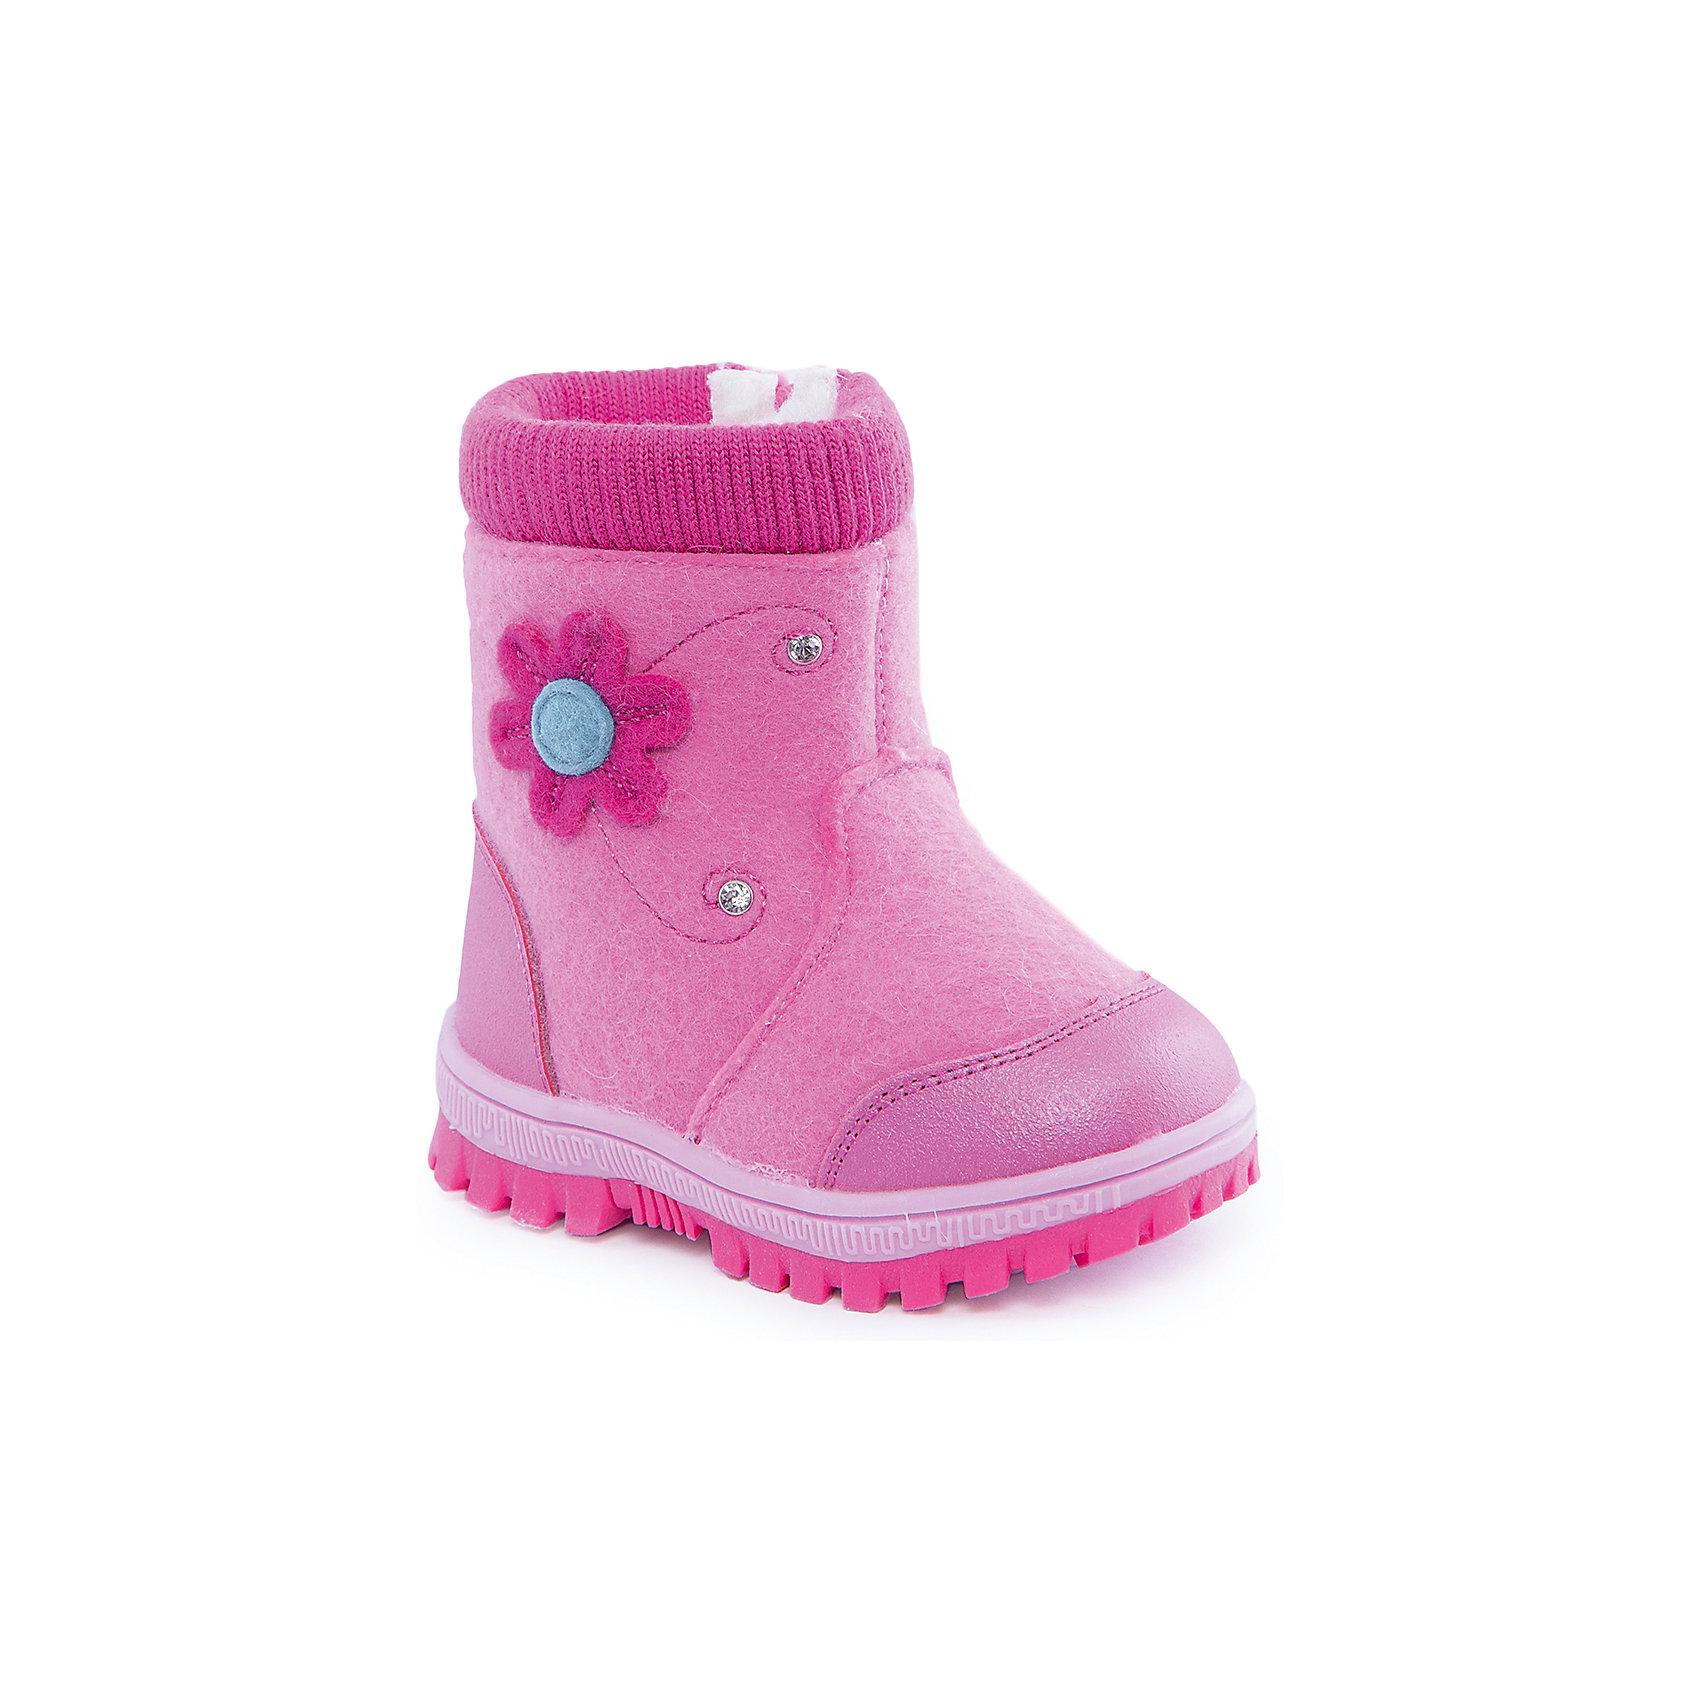 Сапоги для девочки Indigo kidsСапоги<br>Модные и удобные сапоги помогут защитить детские ножки от сырости и холода. Они легко надеваются, комфортно садятся по ноге. <br><br>верх – текстиль/искусственная кожа;<br>подкладка - шерсть;<br>подошва - полимер.<br><br>Сапоги для девочки Indigo kids (Индиго Кидс) можно купить в нашем магазине.<br><br>Ширина мм: 257<br>Глубина мм: 180<br>Высота мм: 130<br>Вес г: 420<br>Цвет: розовый<br>Возраст от месяцев: 24<br>Возраст до месяцев: 36<br>Пол: Женский<br>Возраст: Детский<br>Размер: 26,29,28,27,31,30<br>SKU: 4340517